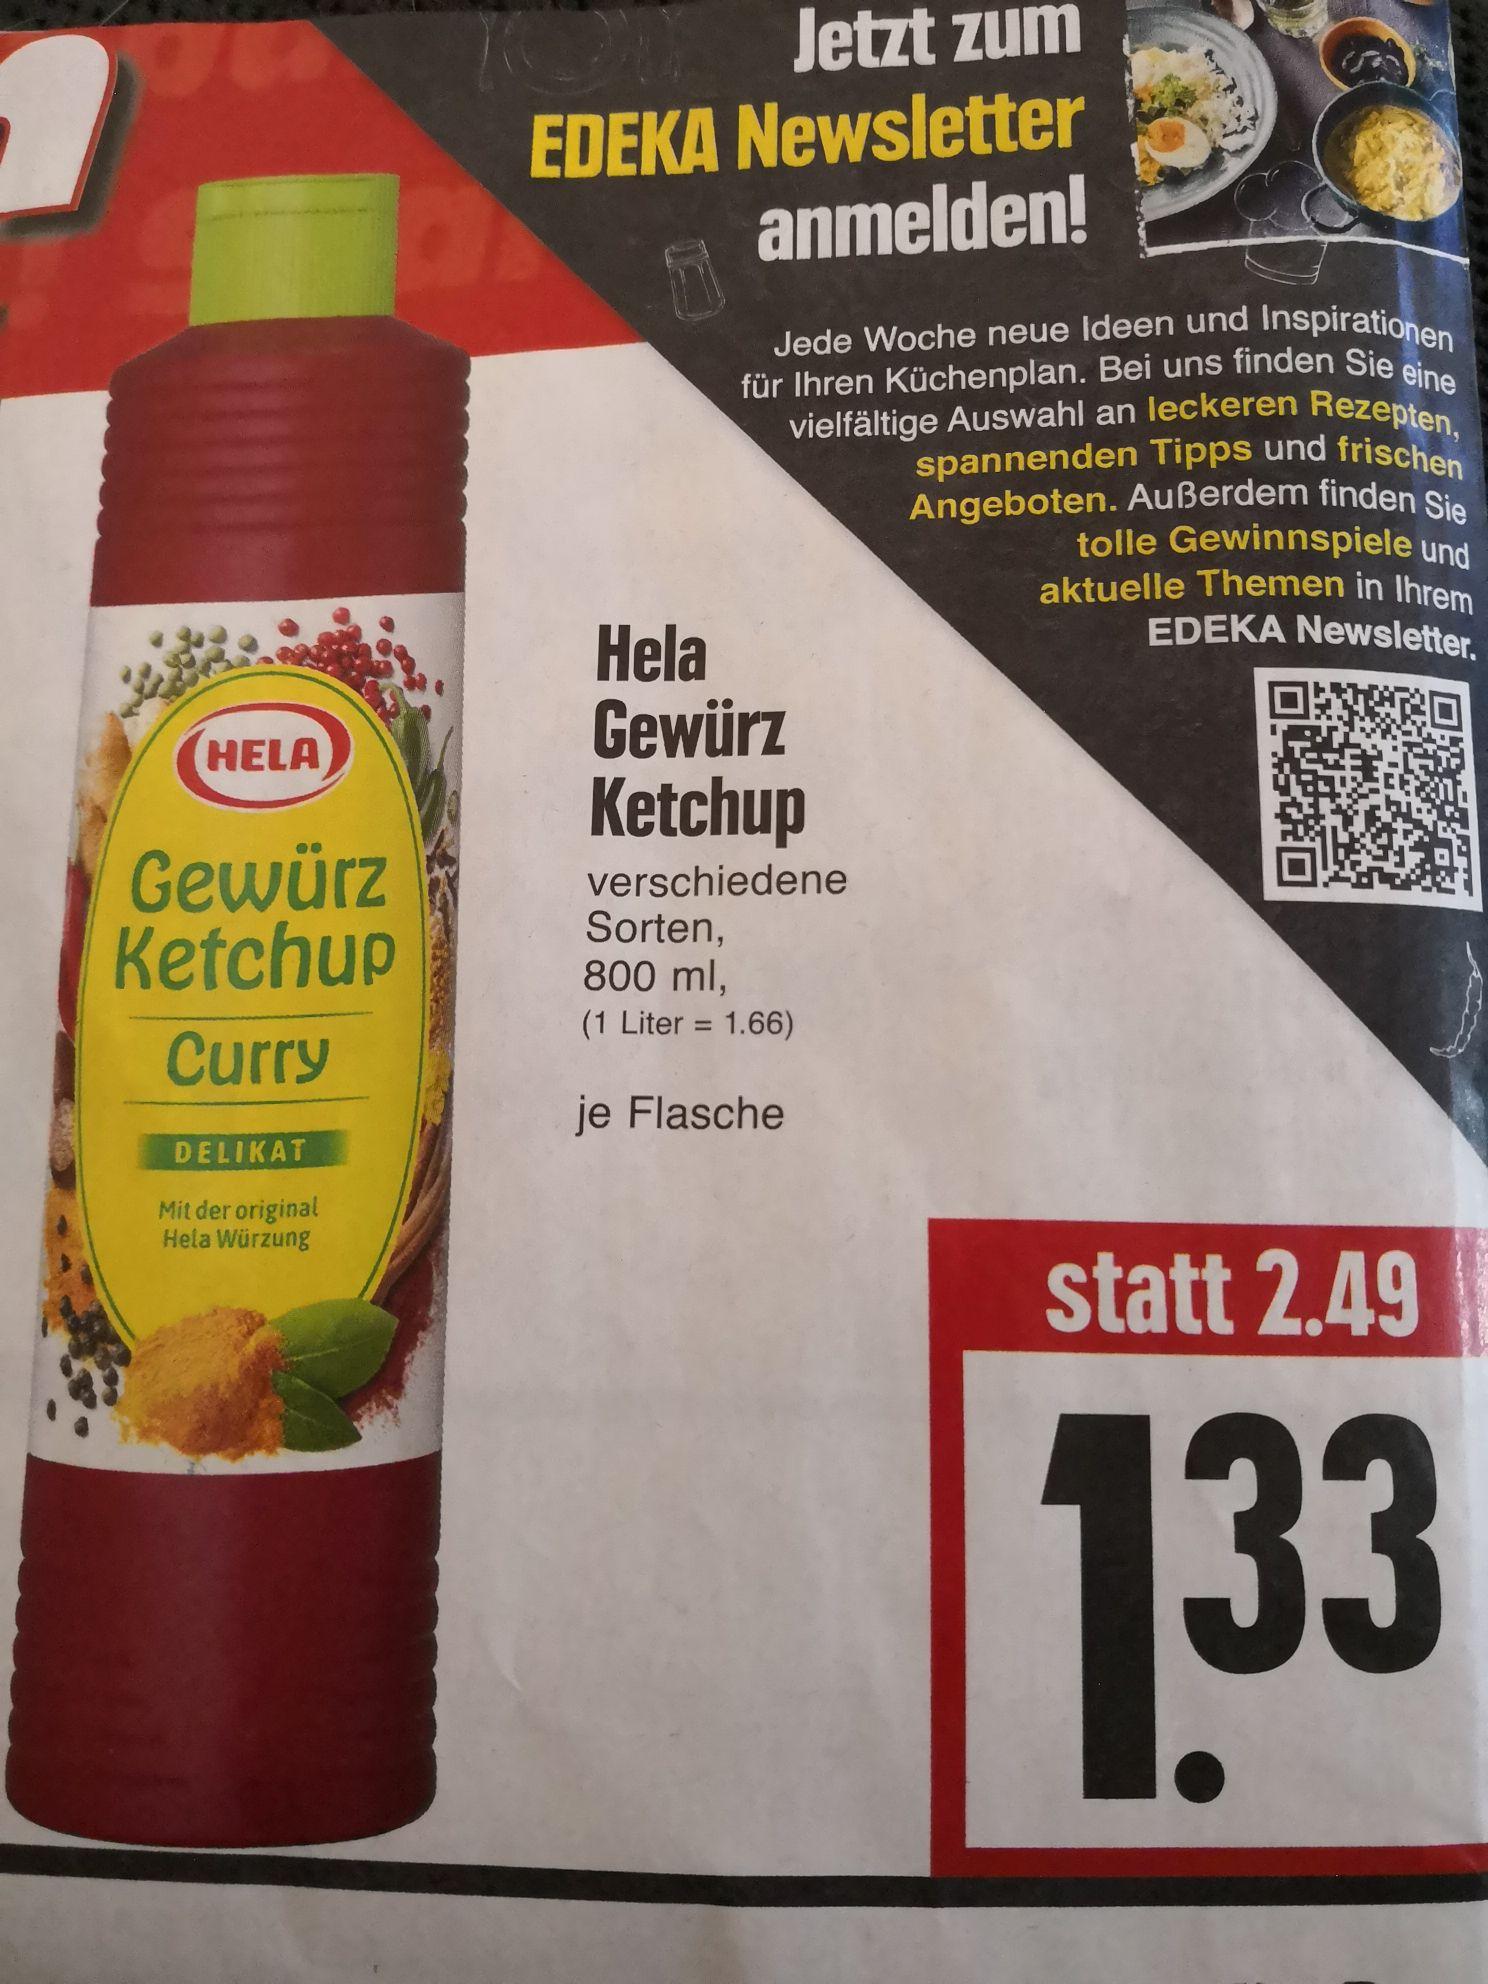 [EDEKA Hessenring] Aktion Sparen z.B Hela Curry Gewürz Ketchup für nur 1,33€, Trolli Glühwürmchen 0,50€